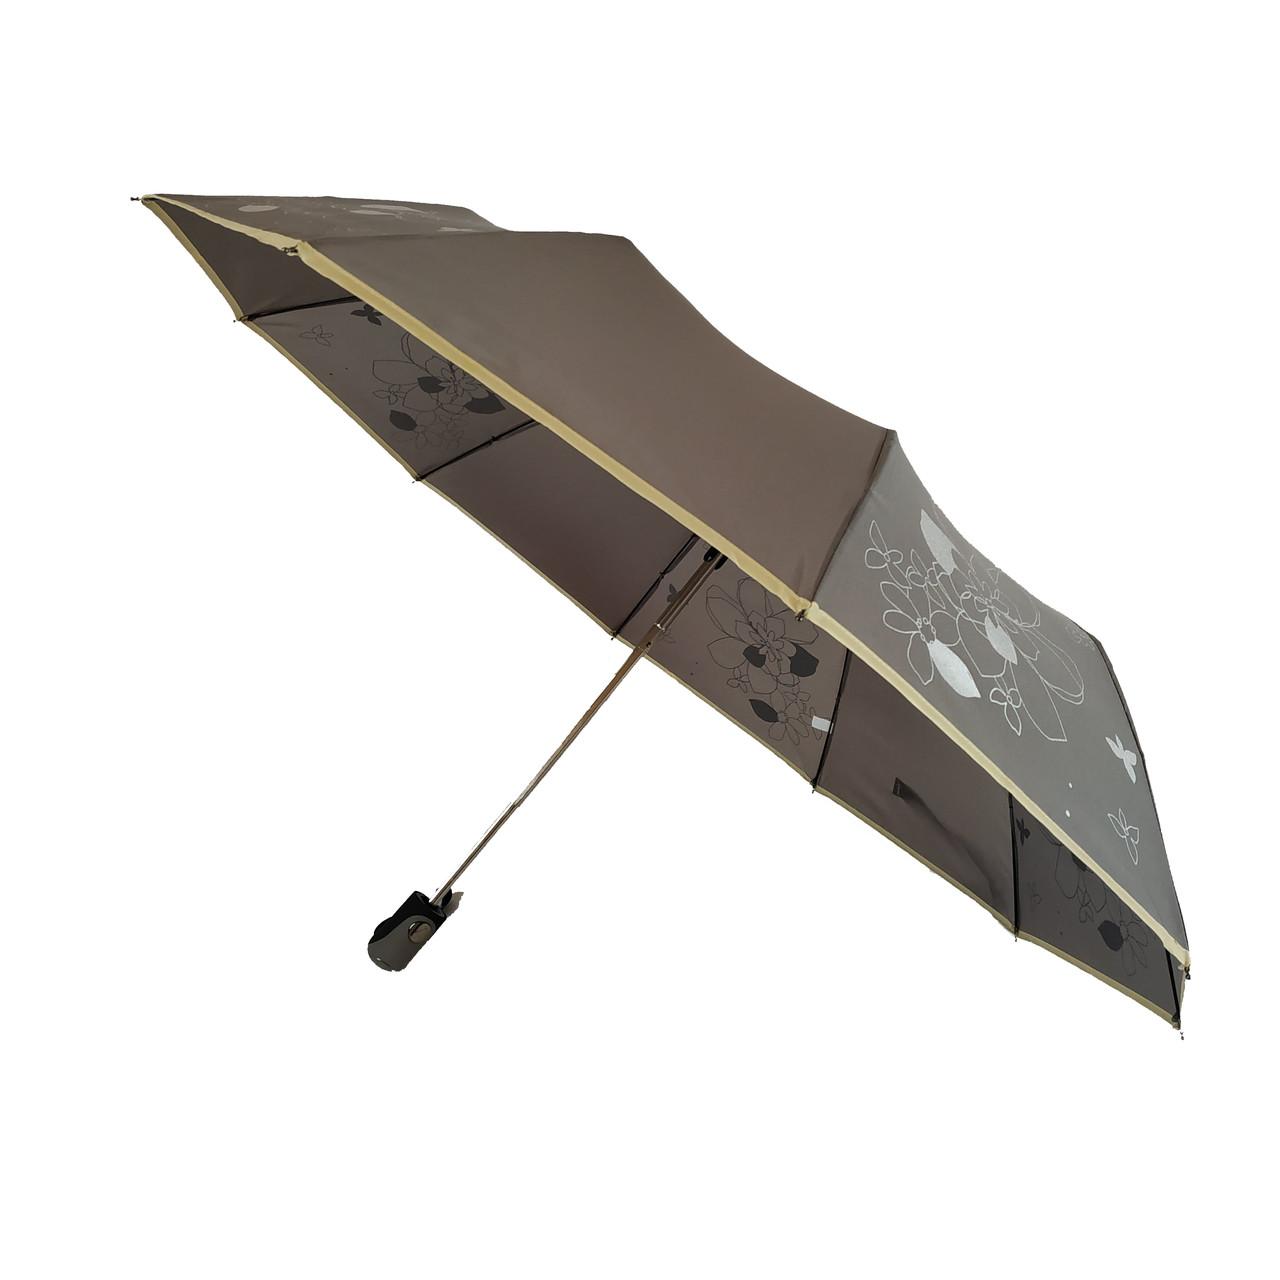 Женский зонт полуавтомат на 10 спиц Calm Rain, с изображением цветов, серый, 114-1